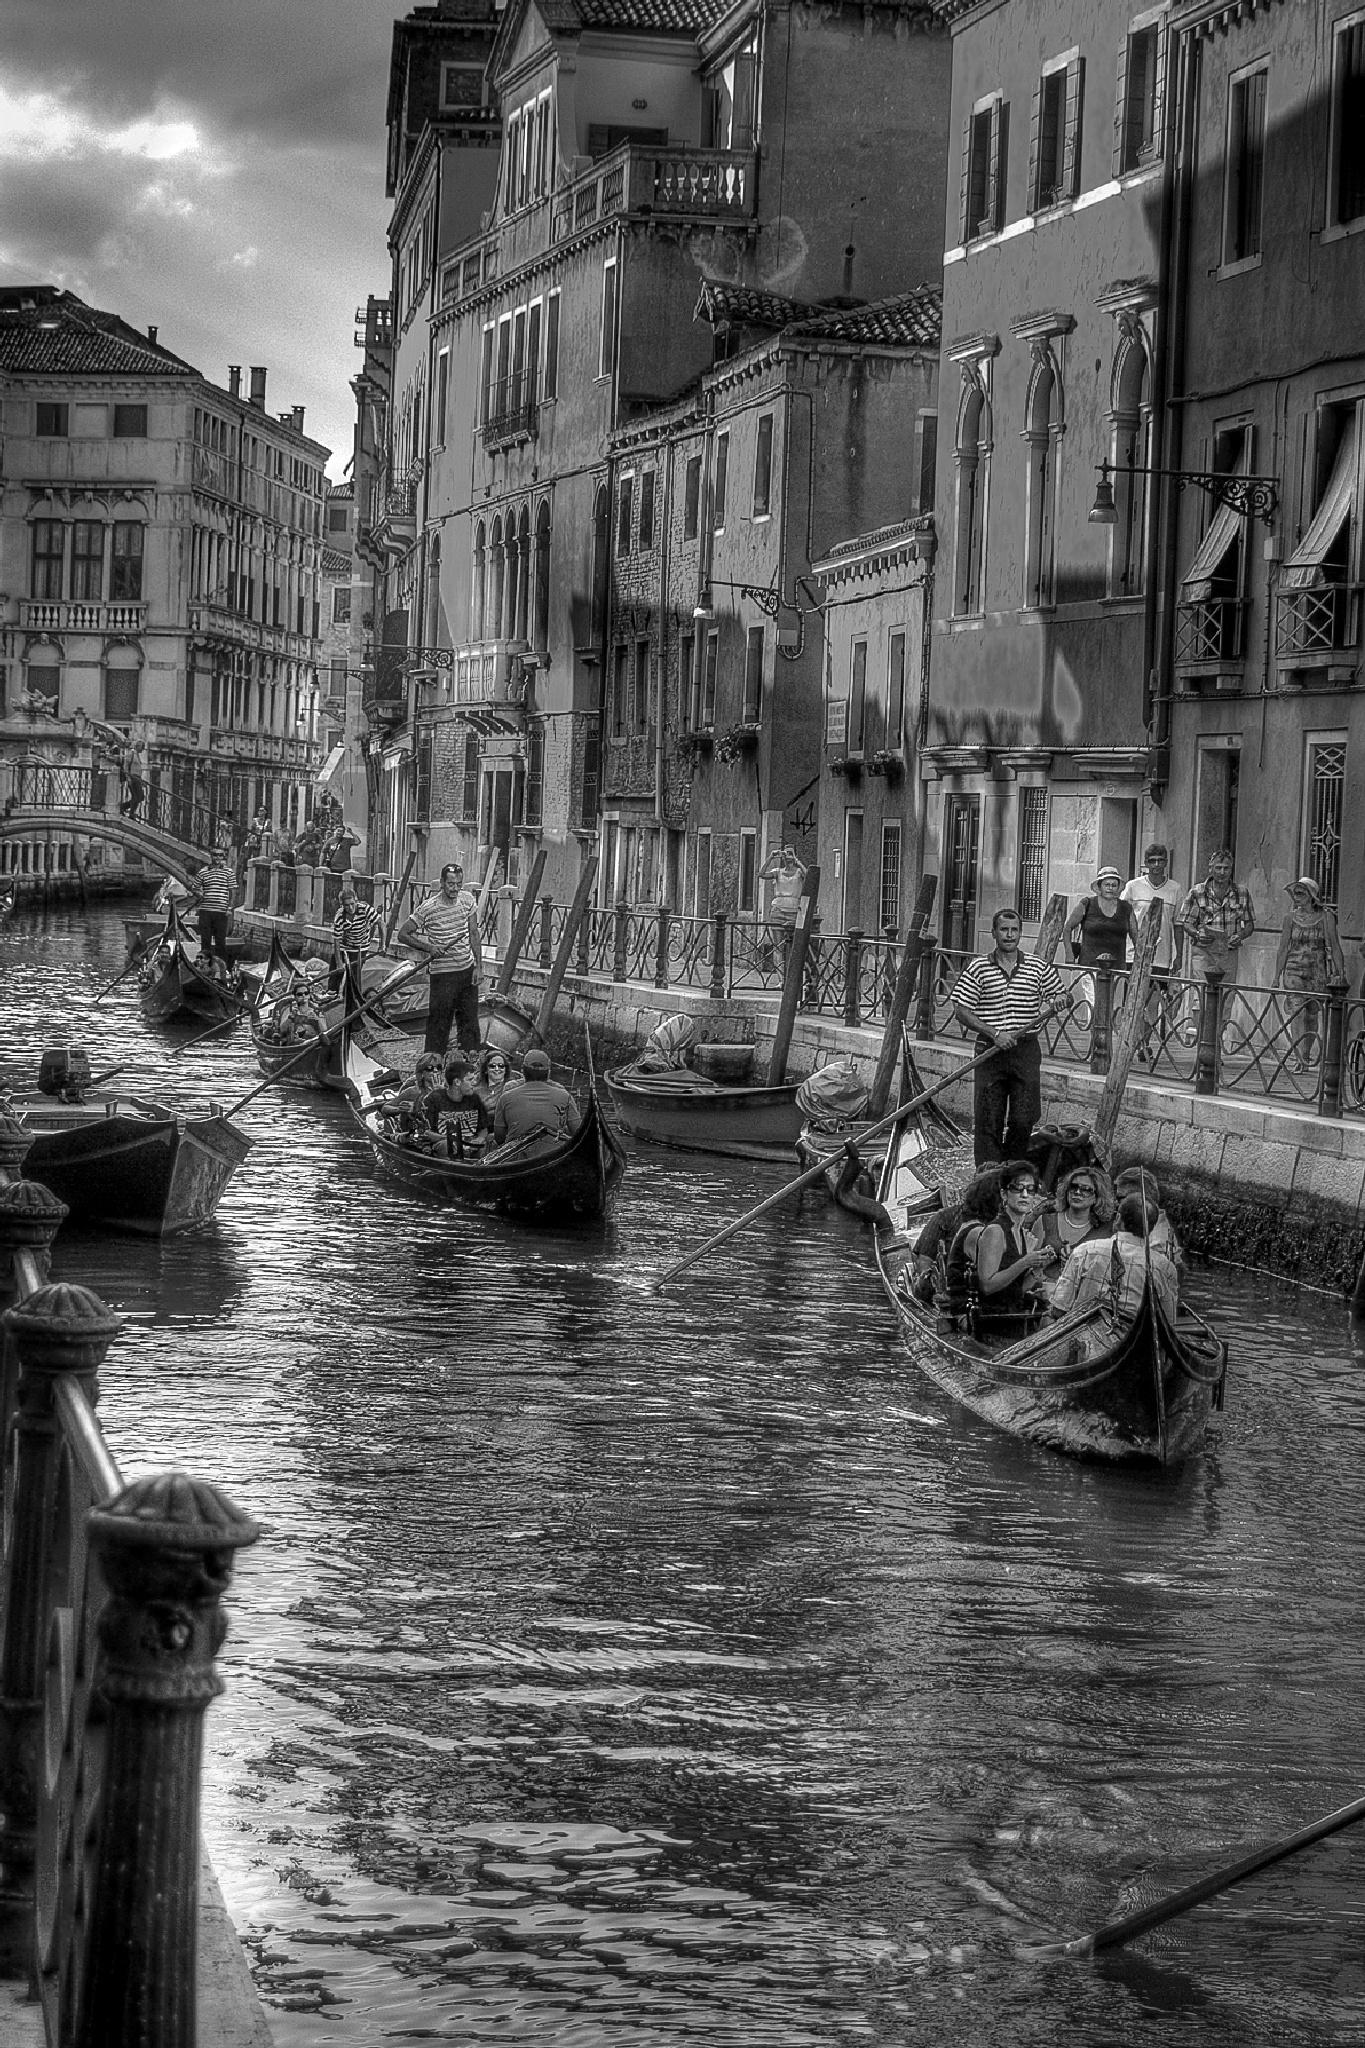 Gondolas in Venice by MarieJirousek